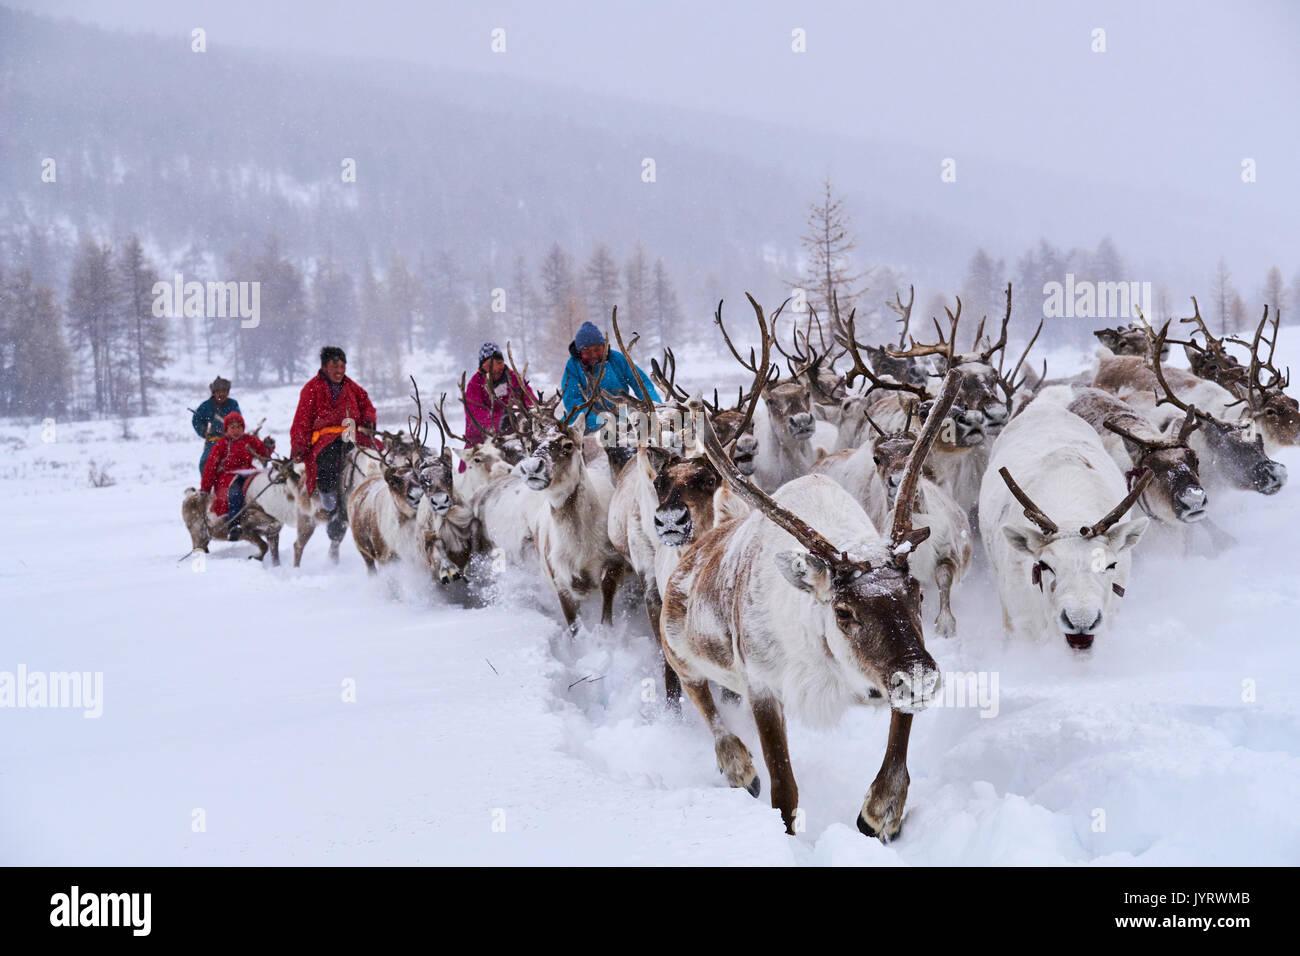 Mongolia, Khovsgol provincia, los Tsaatan, pastores de renos, la migración, la trashumancia de invierno Imagen De Stock